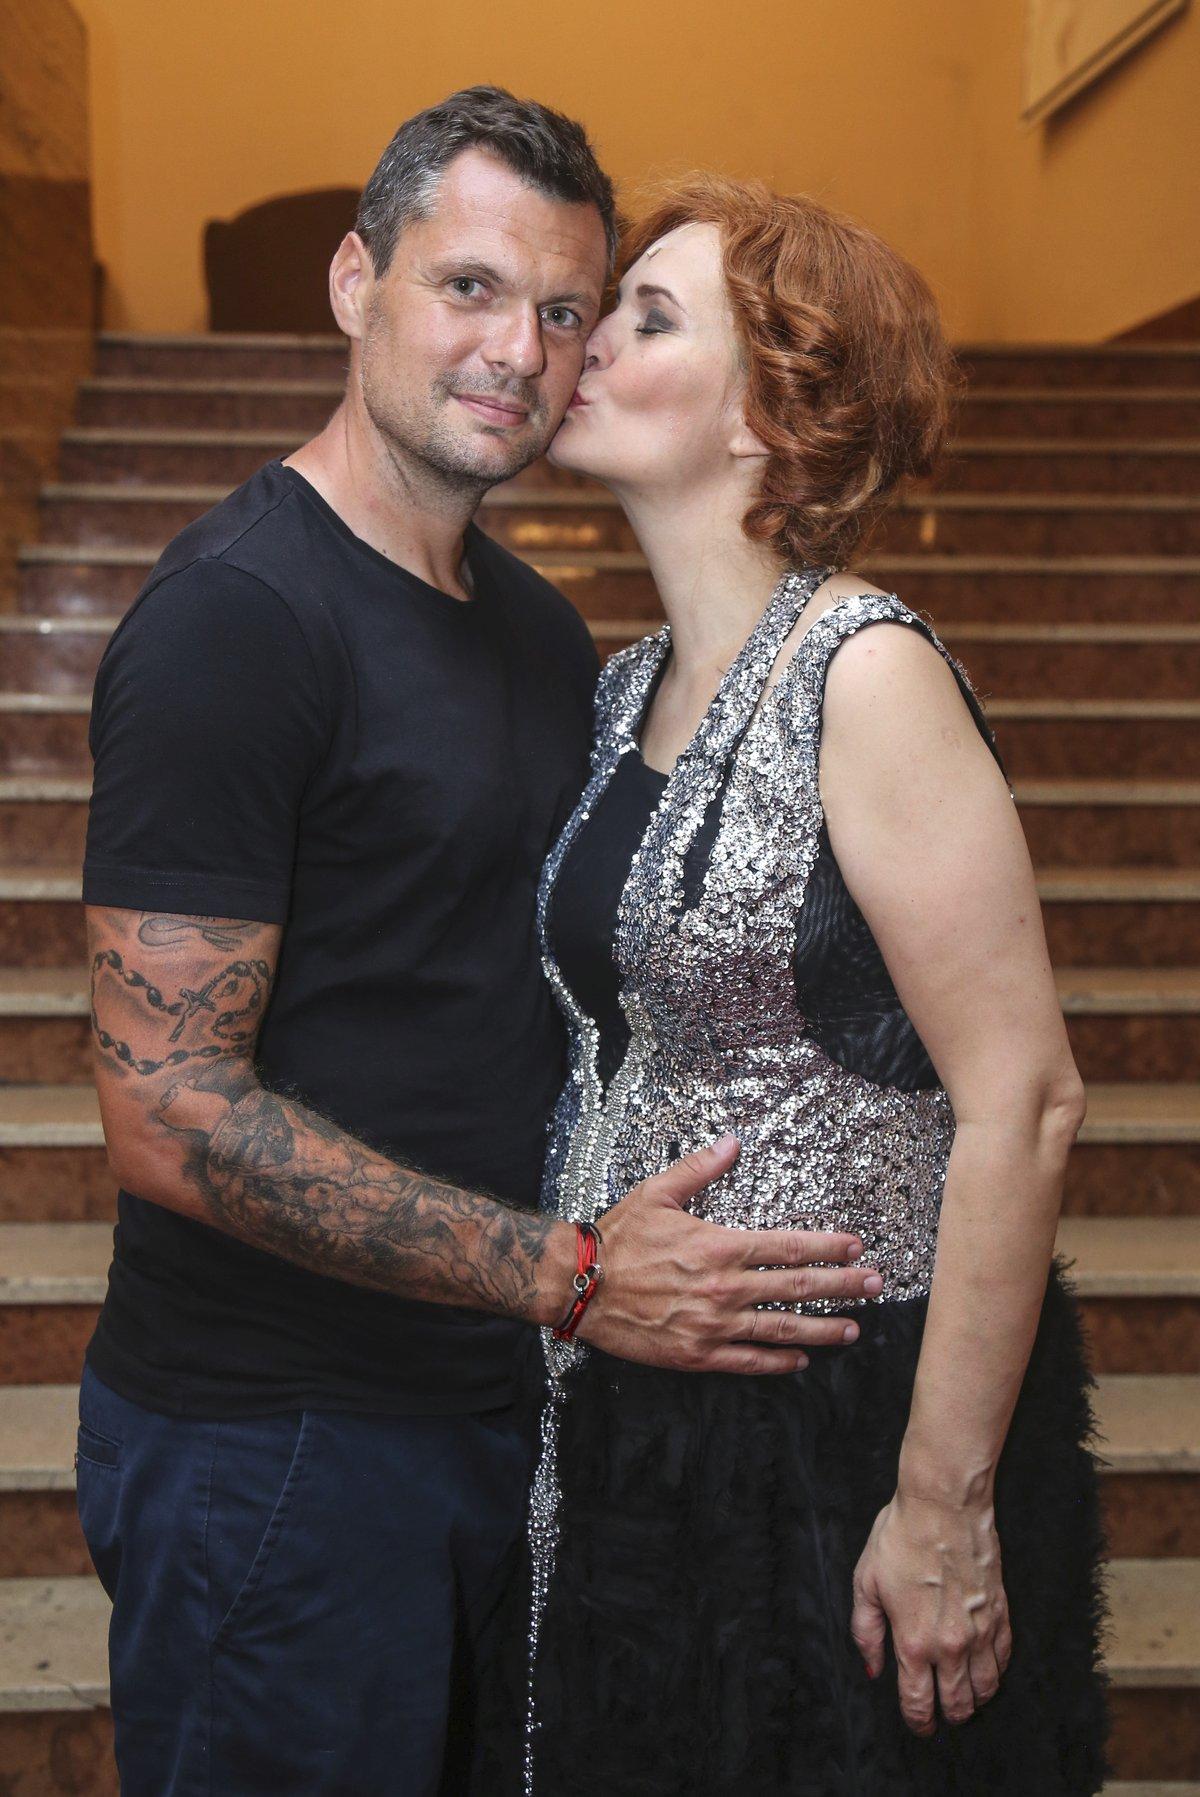 Těhotná Monika Absolonová s partnerem Tomášem Hornou